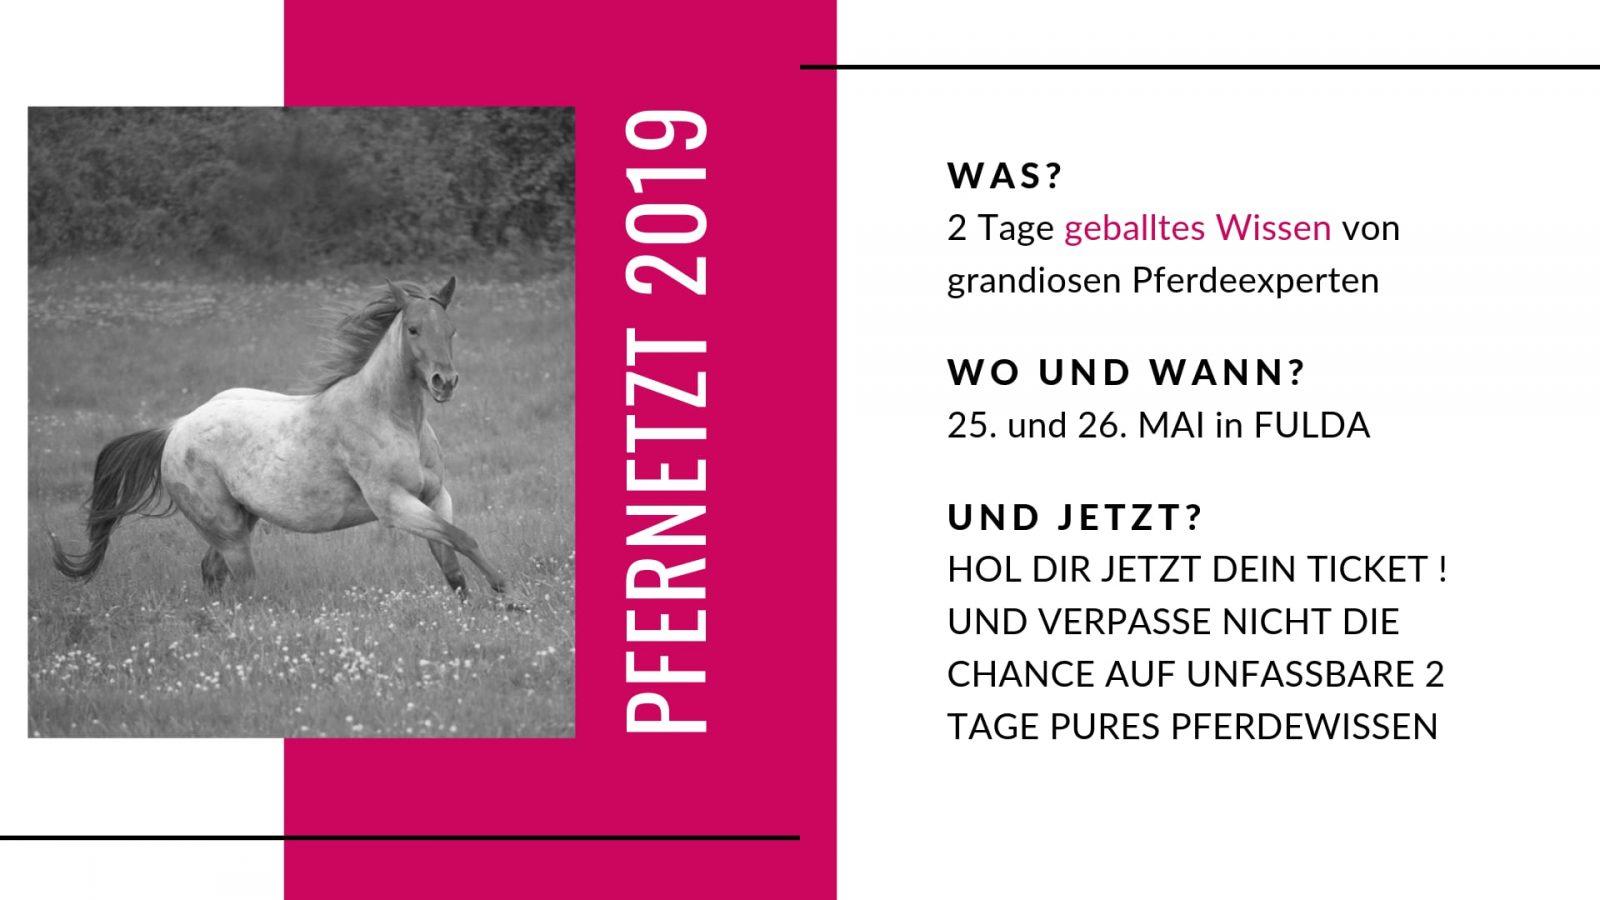 PFERNETZT - Das Event für Pferdemenschen 2019